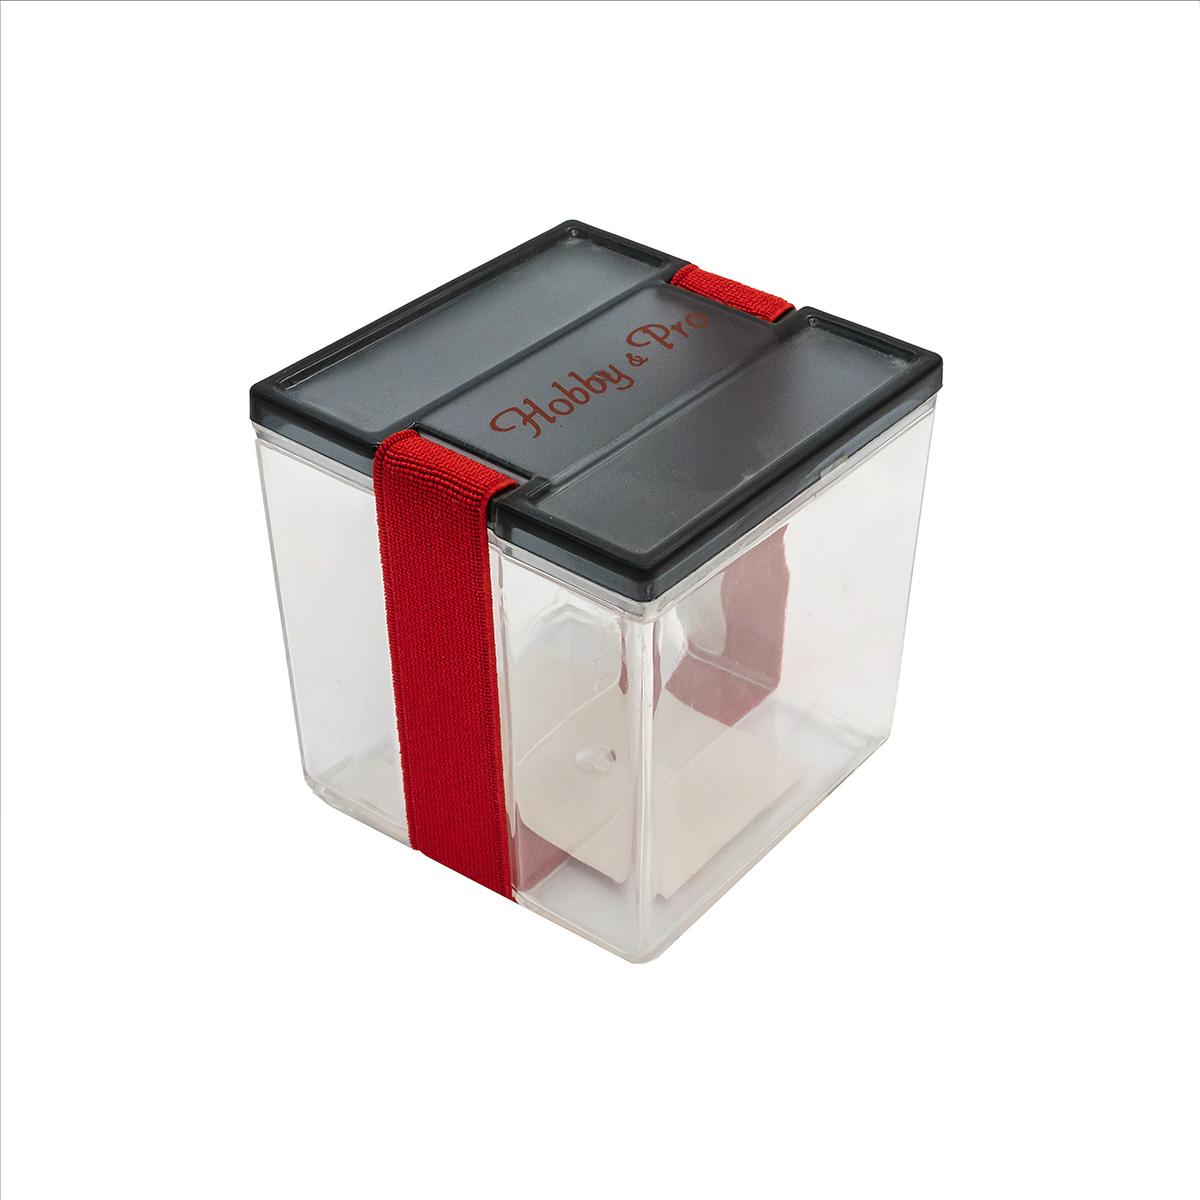 930538 Контейнер для мелочей с фиксирующей резинкой, 8,5*8,5*9 см, Hobby&Pro